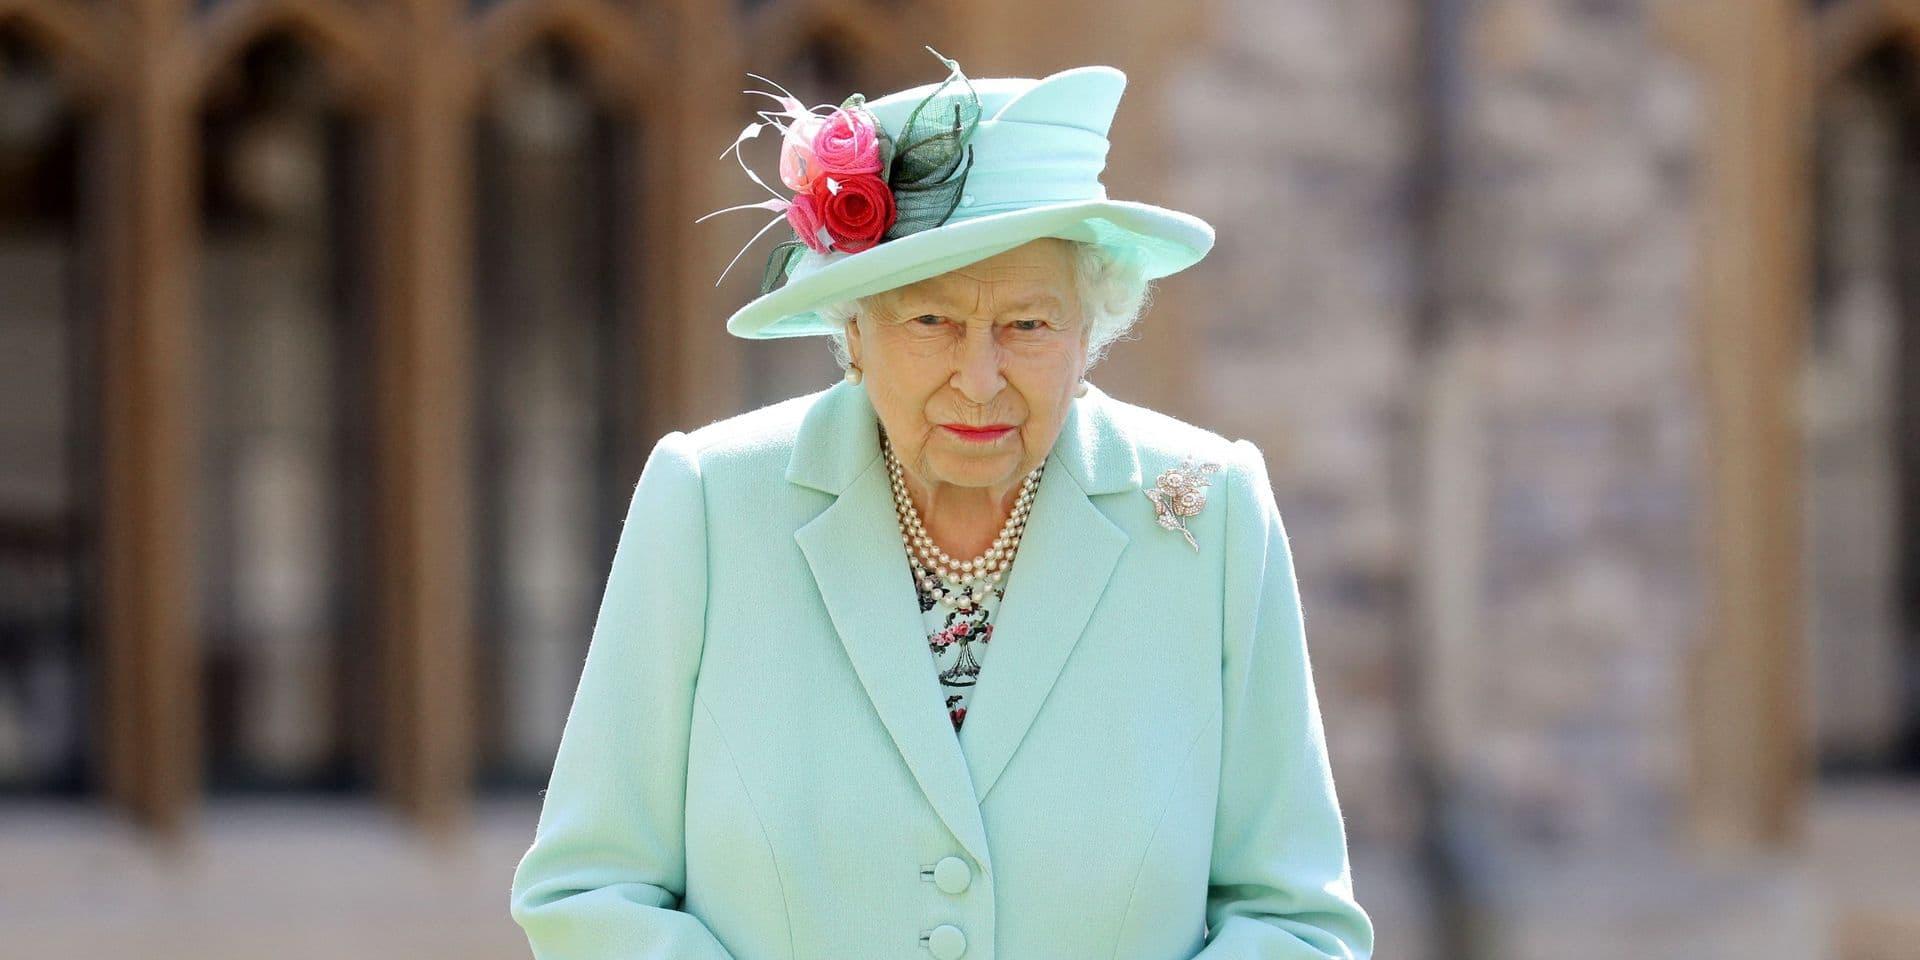 Premier anniversaire sans son époux pour la reine Elizabeth